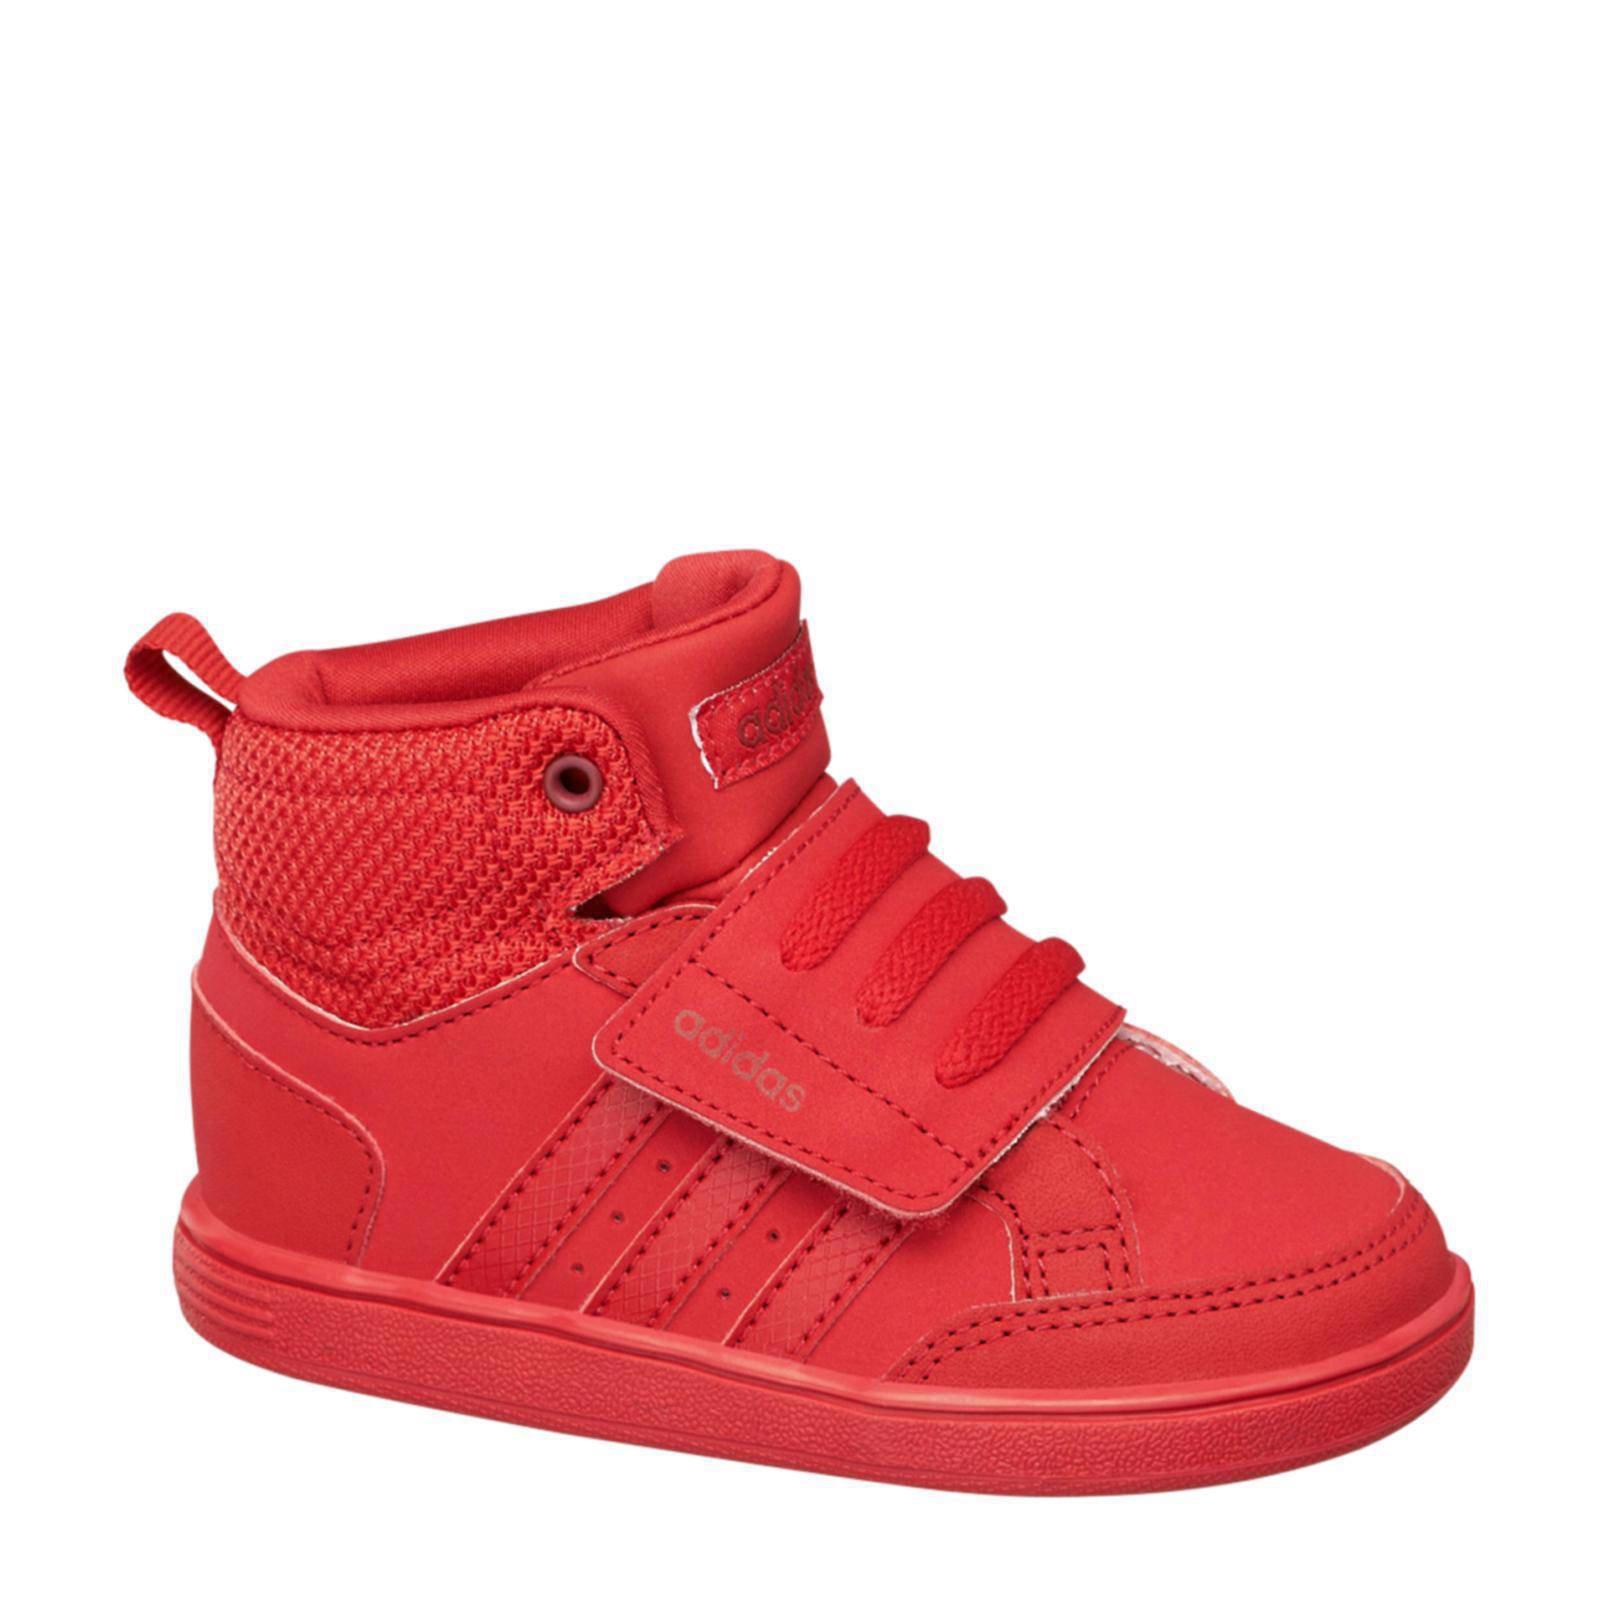 adidas neo rood